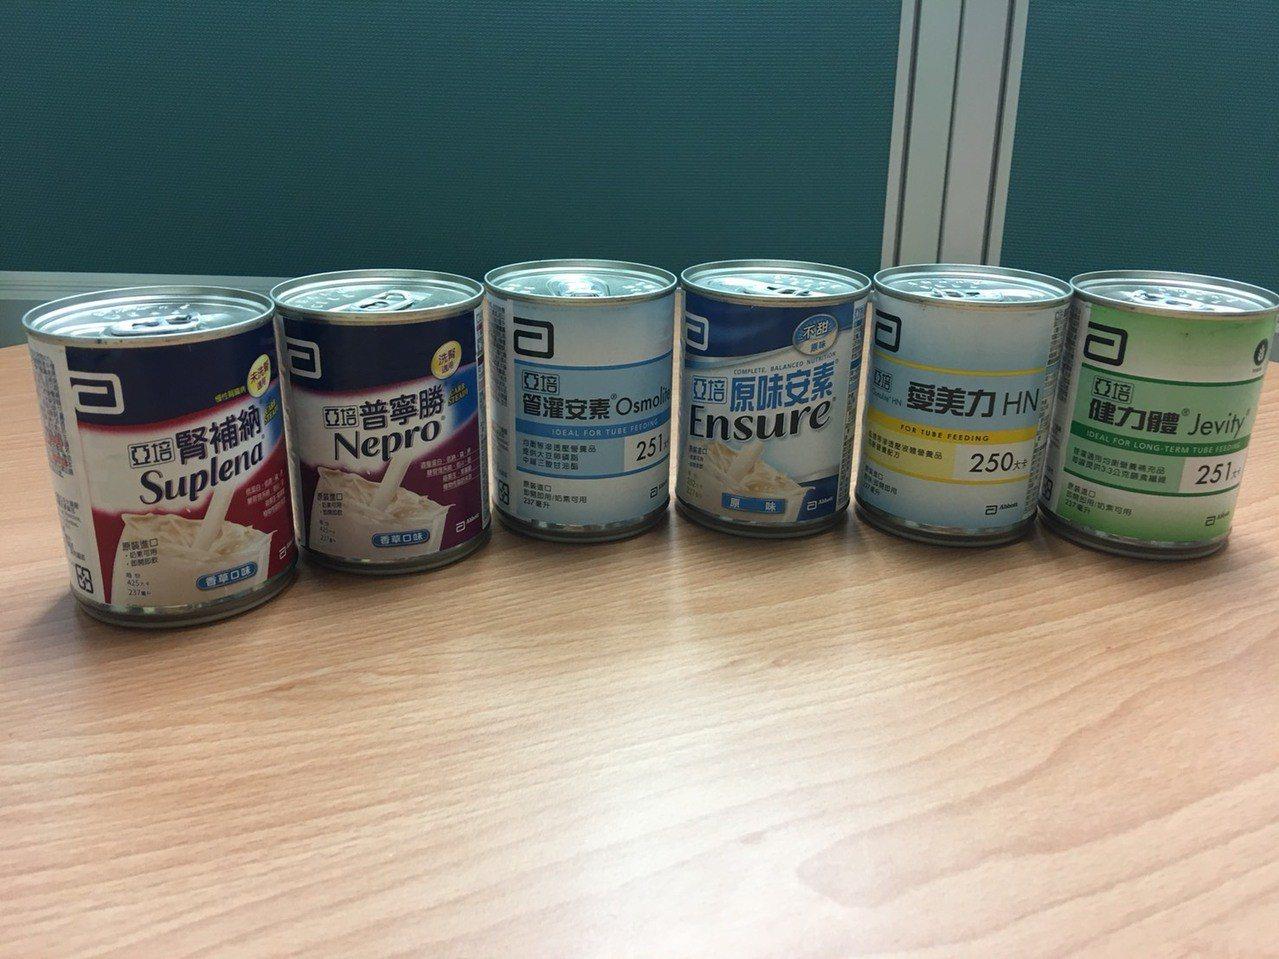 亞培「安素」遭投訴變質發臭,後續又爆出安素在內的6款產品8個月來遭投訴629件,...